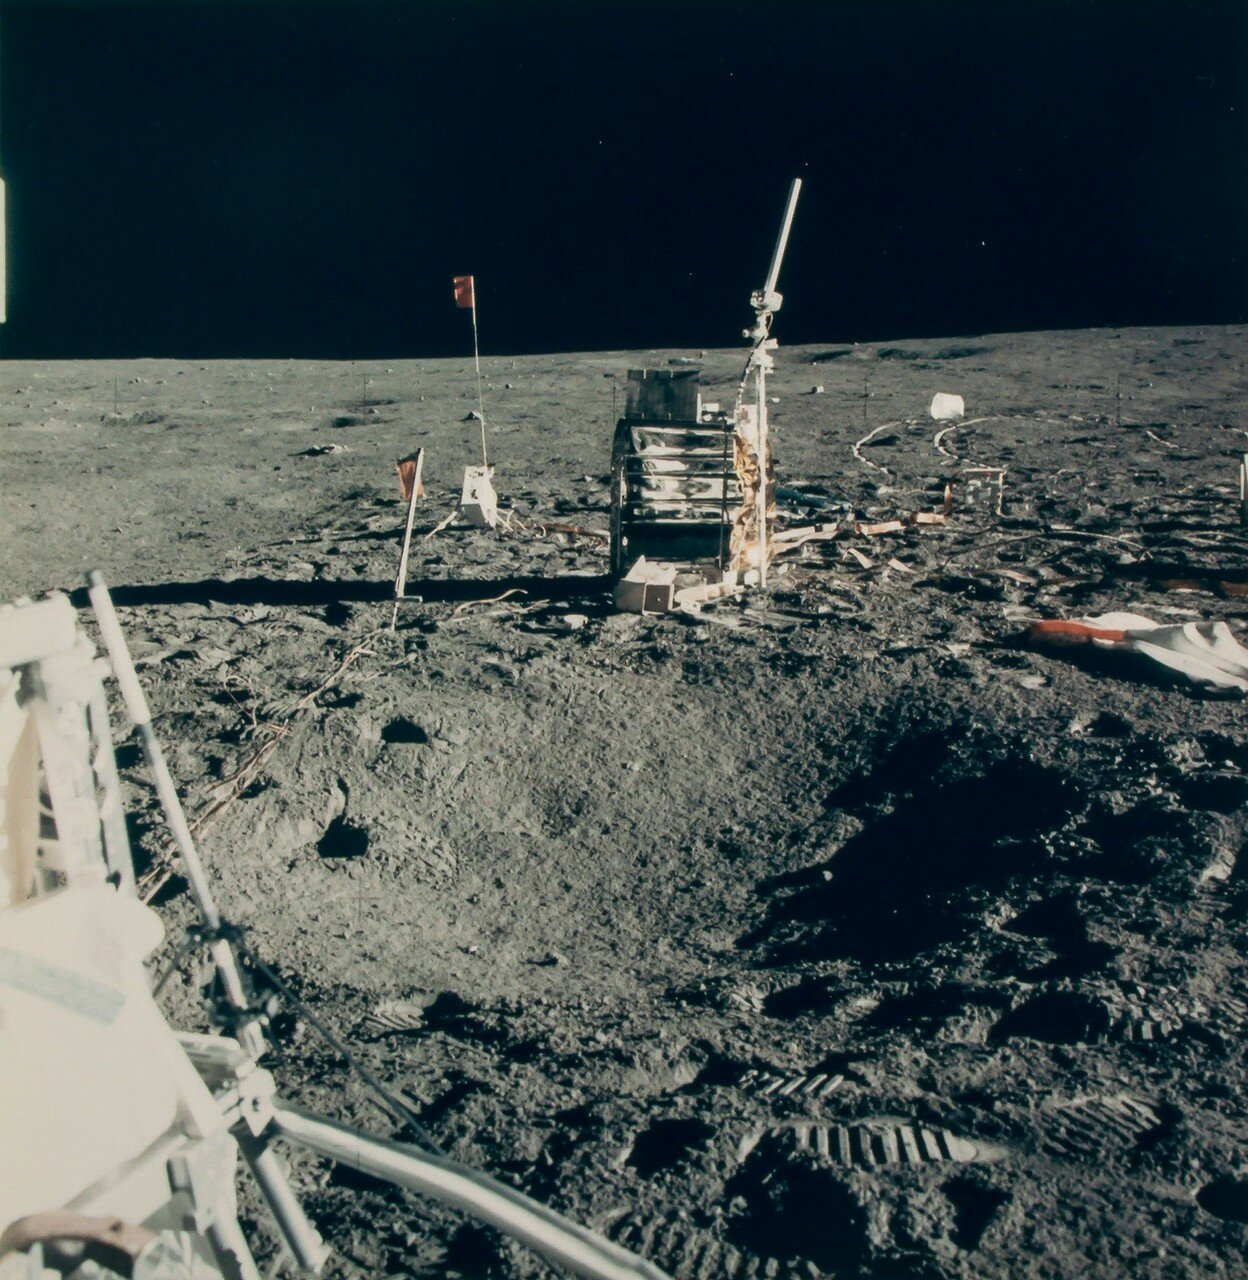 В 135 часов 32 минуты полётного времени астронавты достигли лунного модуля. На снимке: Лунный базовый лагерь